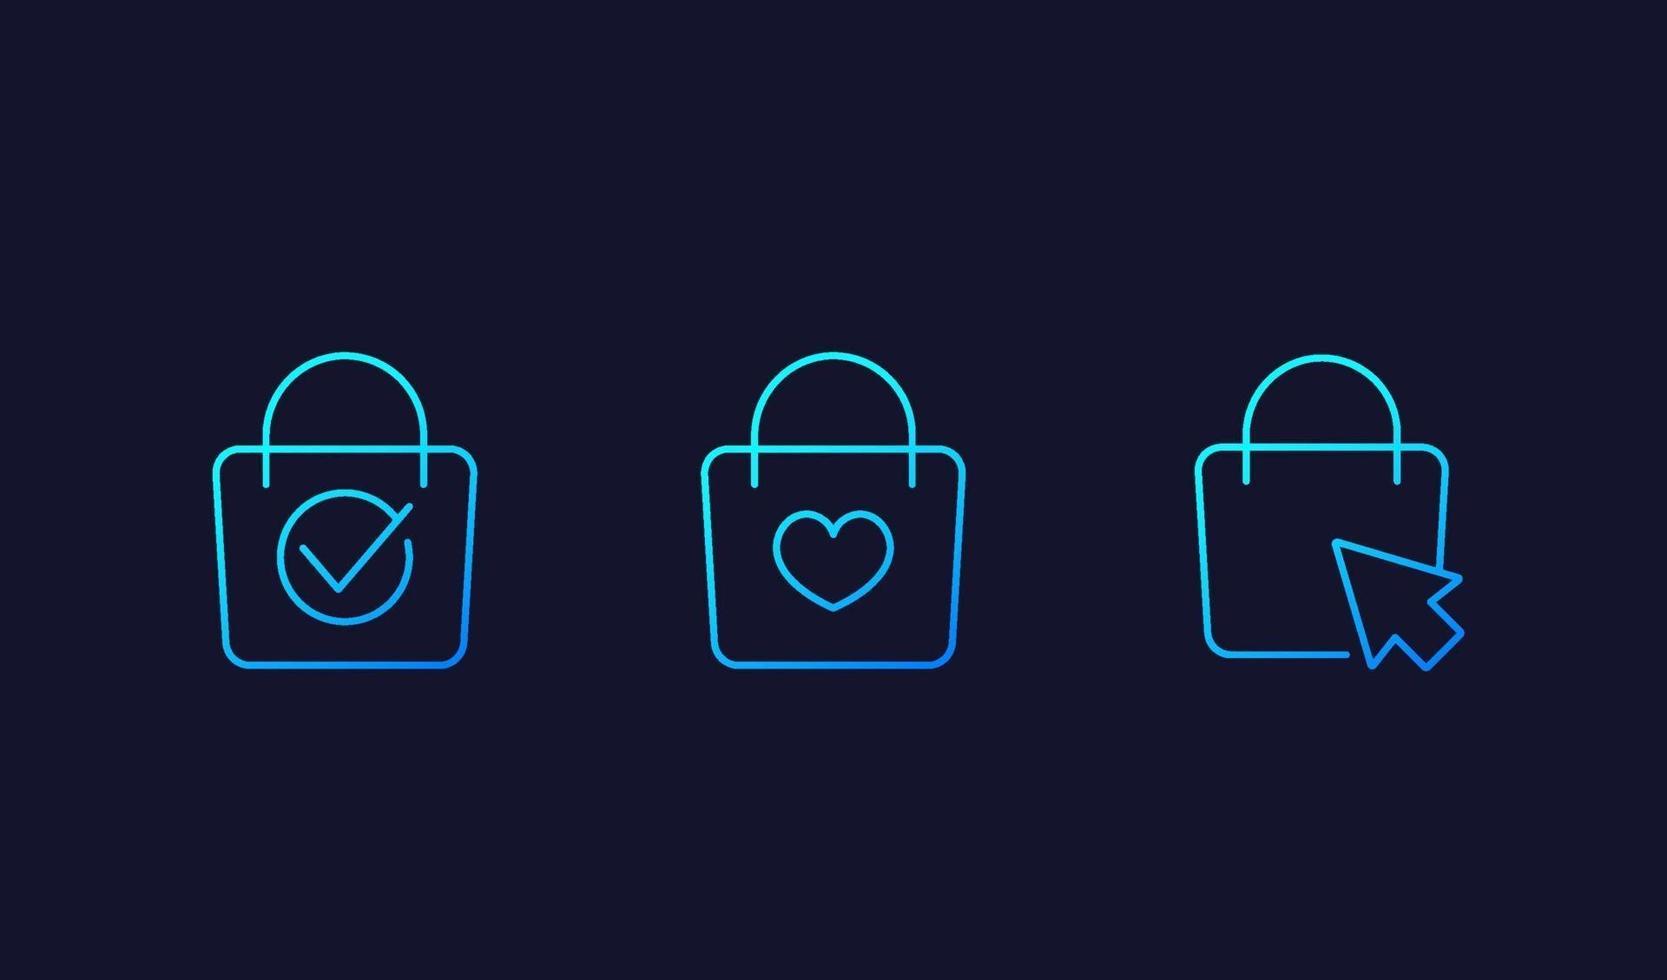 icone dello shopping online con borsa, lineare vettore